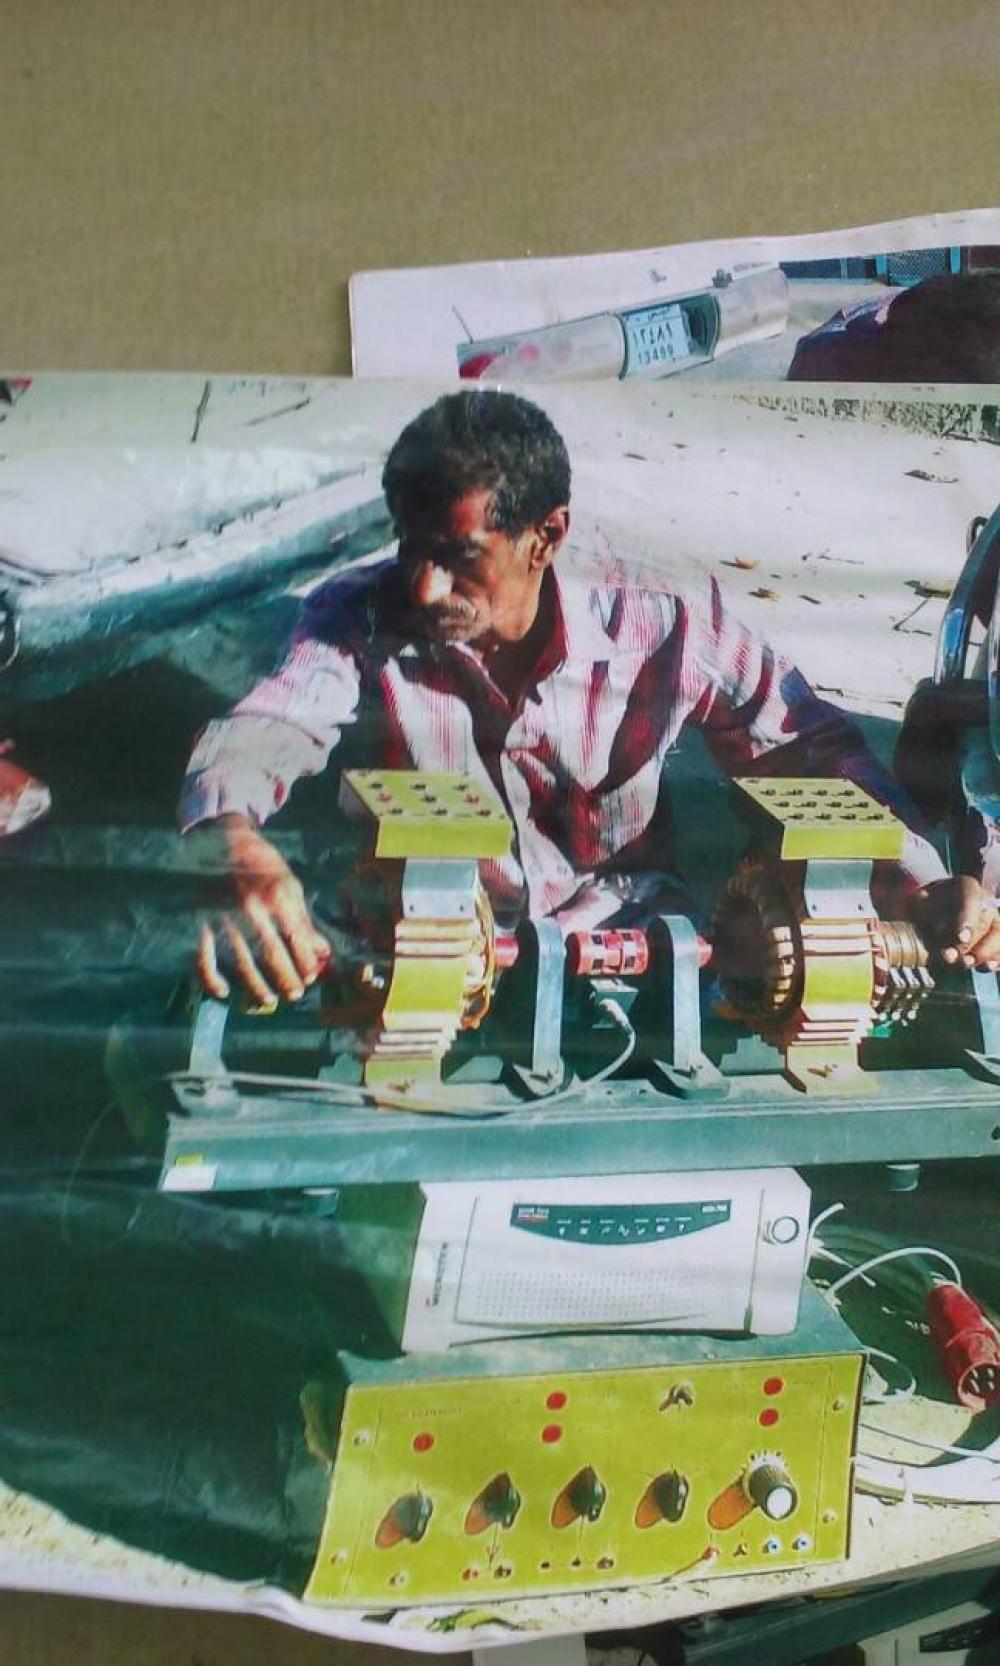 """مهندس يمني يتمكن من اختراع """"مولد كهربائي"""" يعمل بدون وقود.. تقاصيل"""